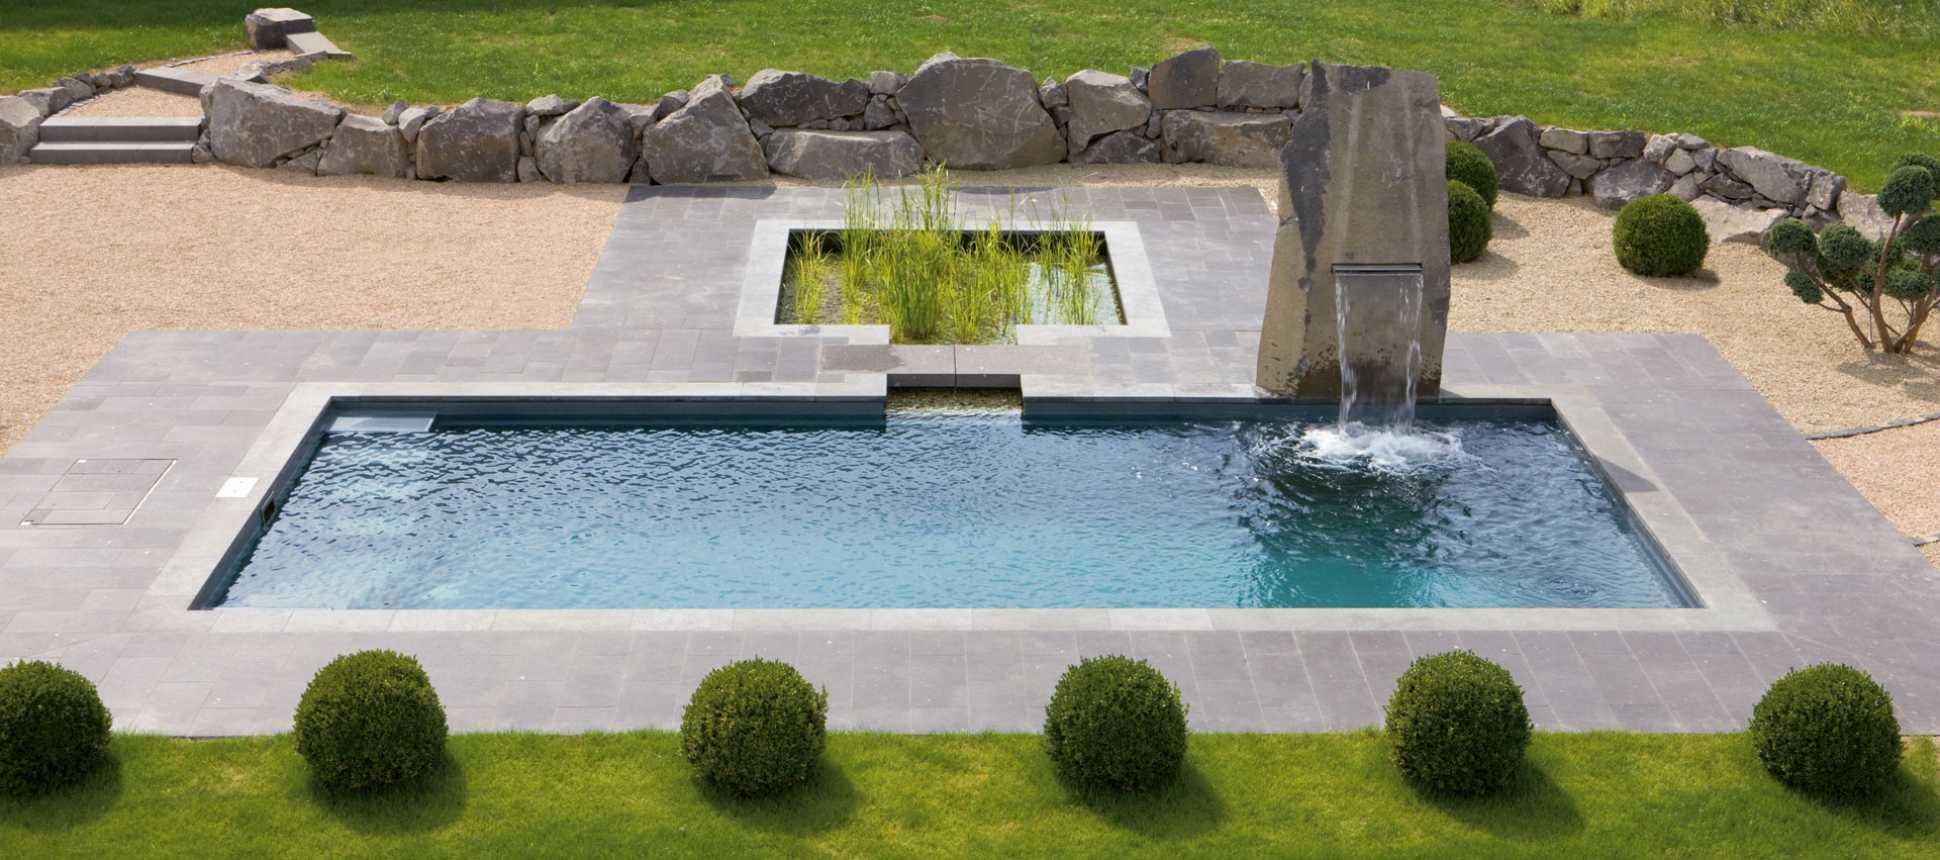 Schwimmbadsanierung Polyesterbecken